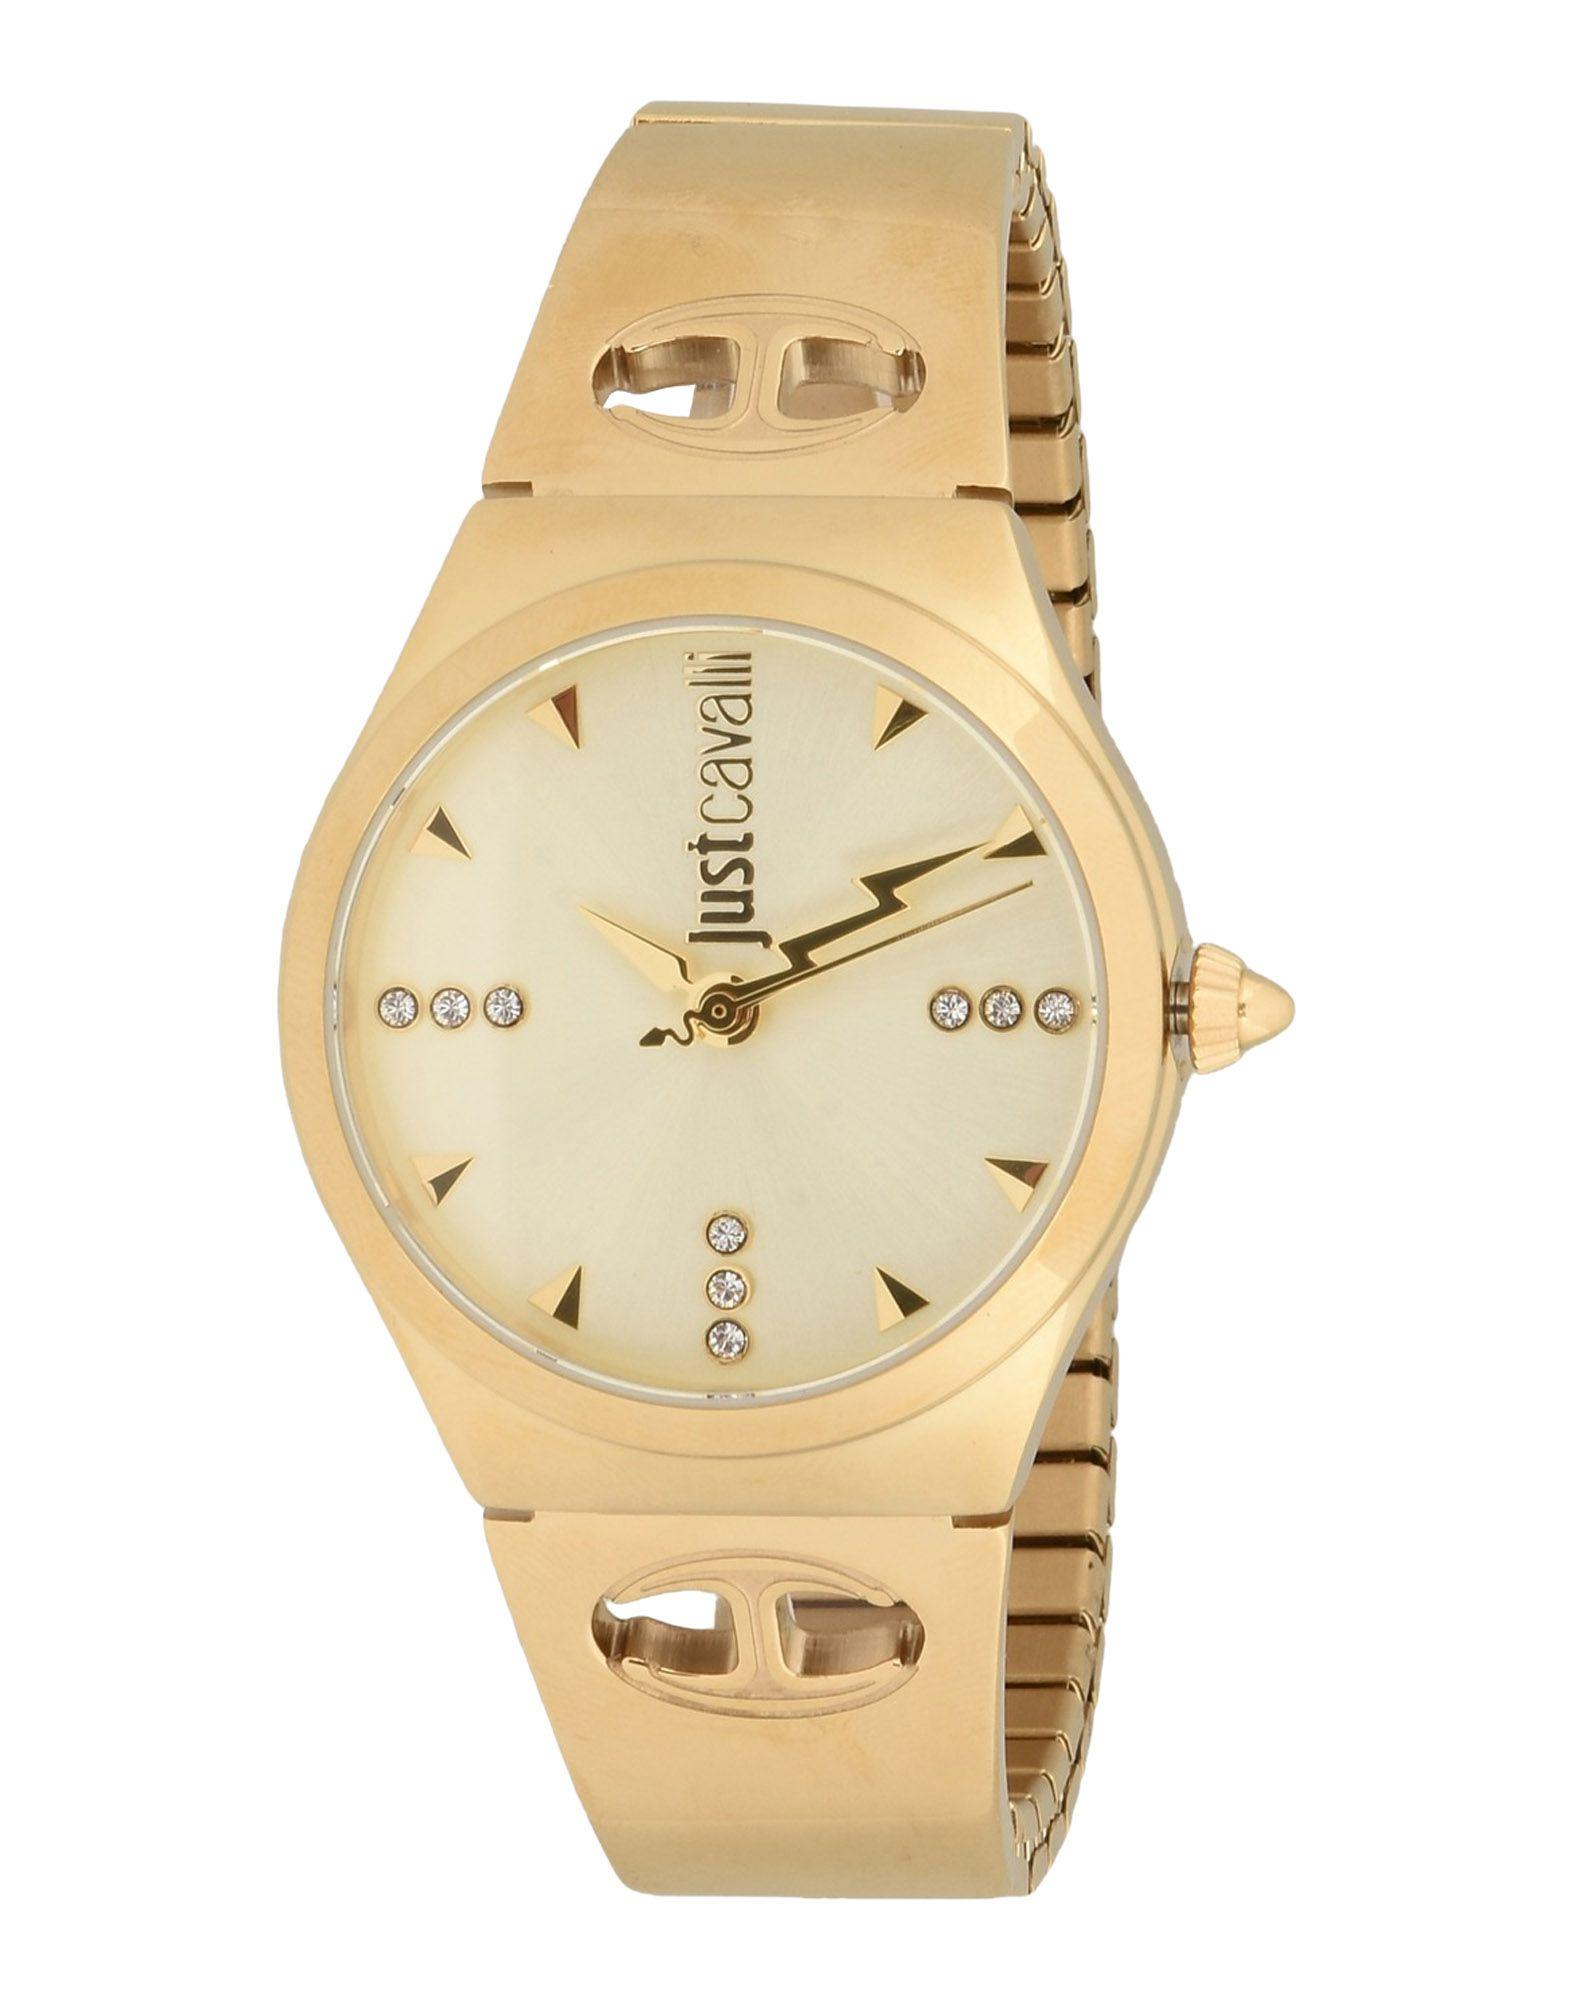 JUST CAVALLI Наручные часы wh0019 модная серия наручные часы